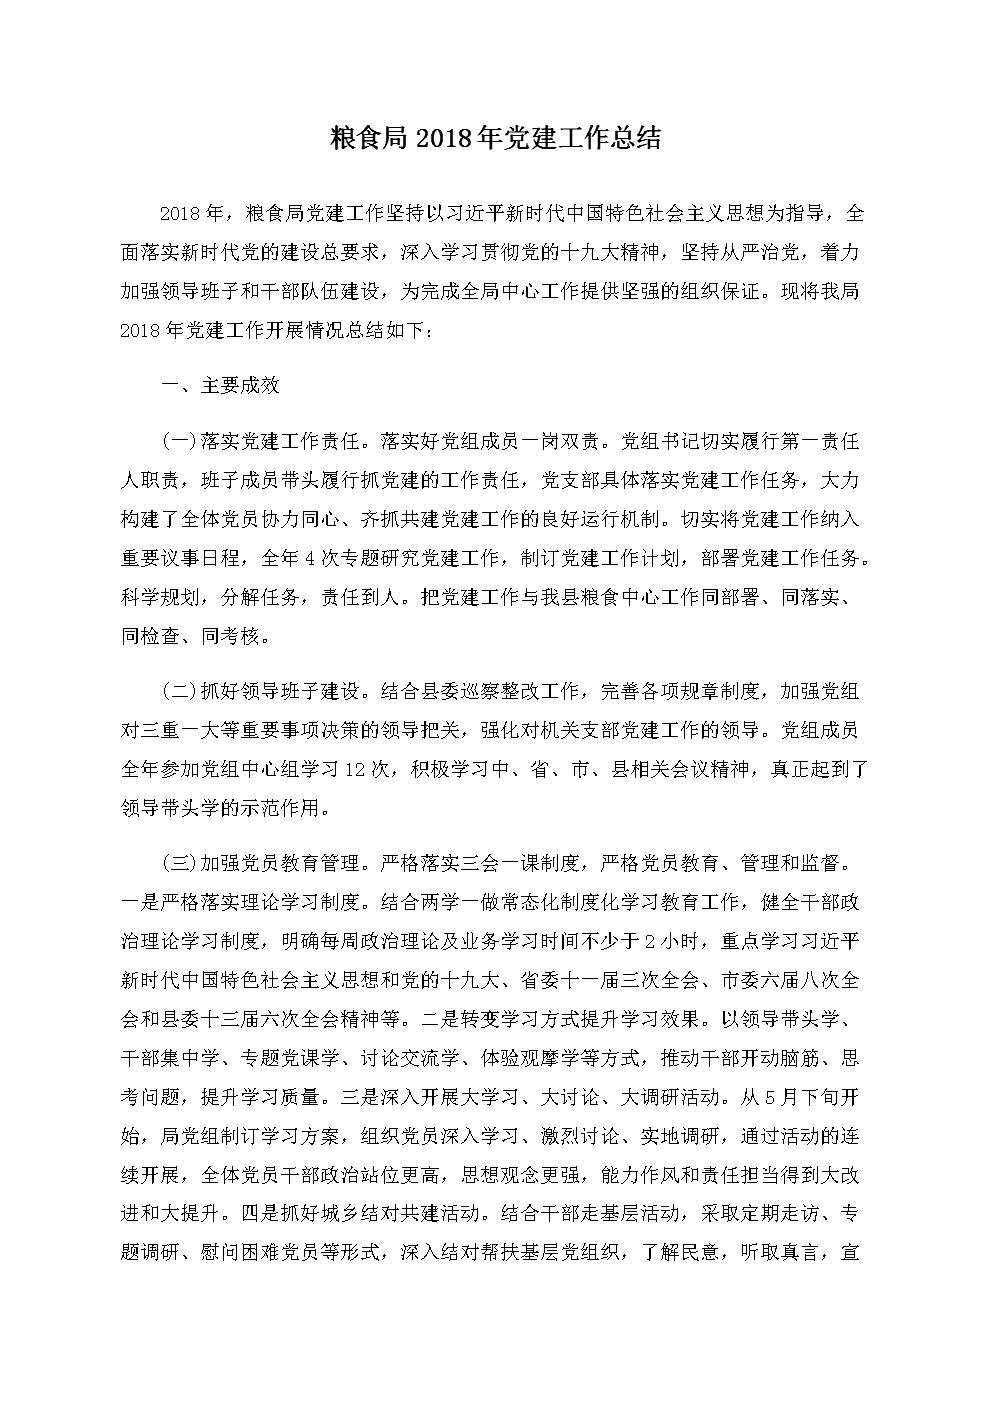 粮食局2018年党建工作总结.docx